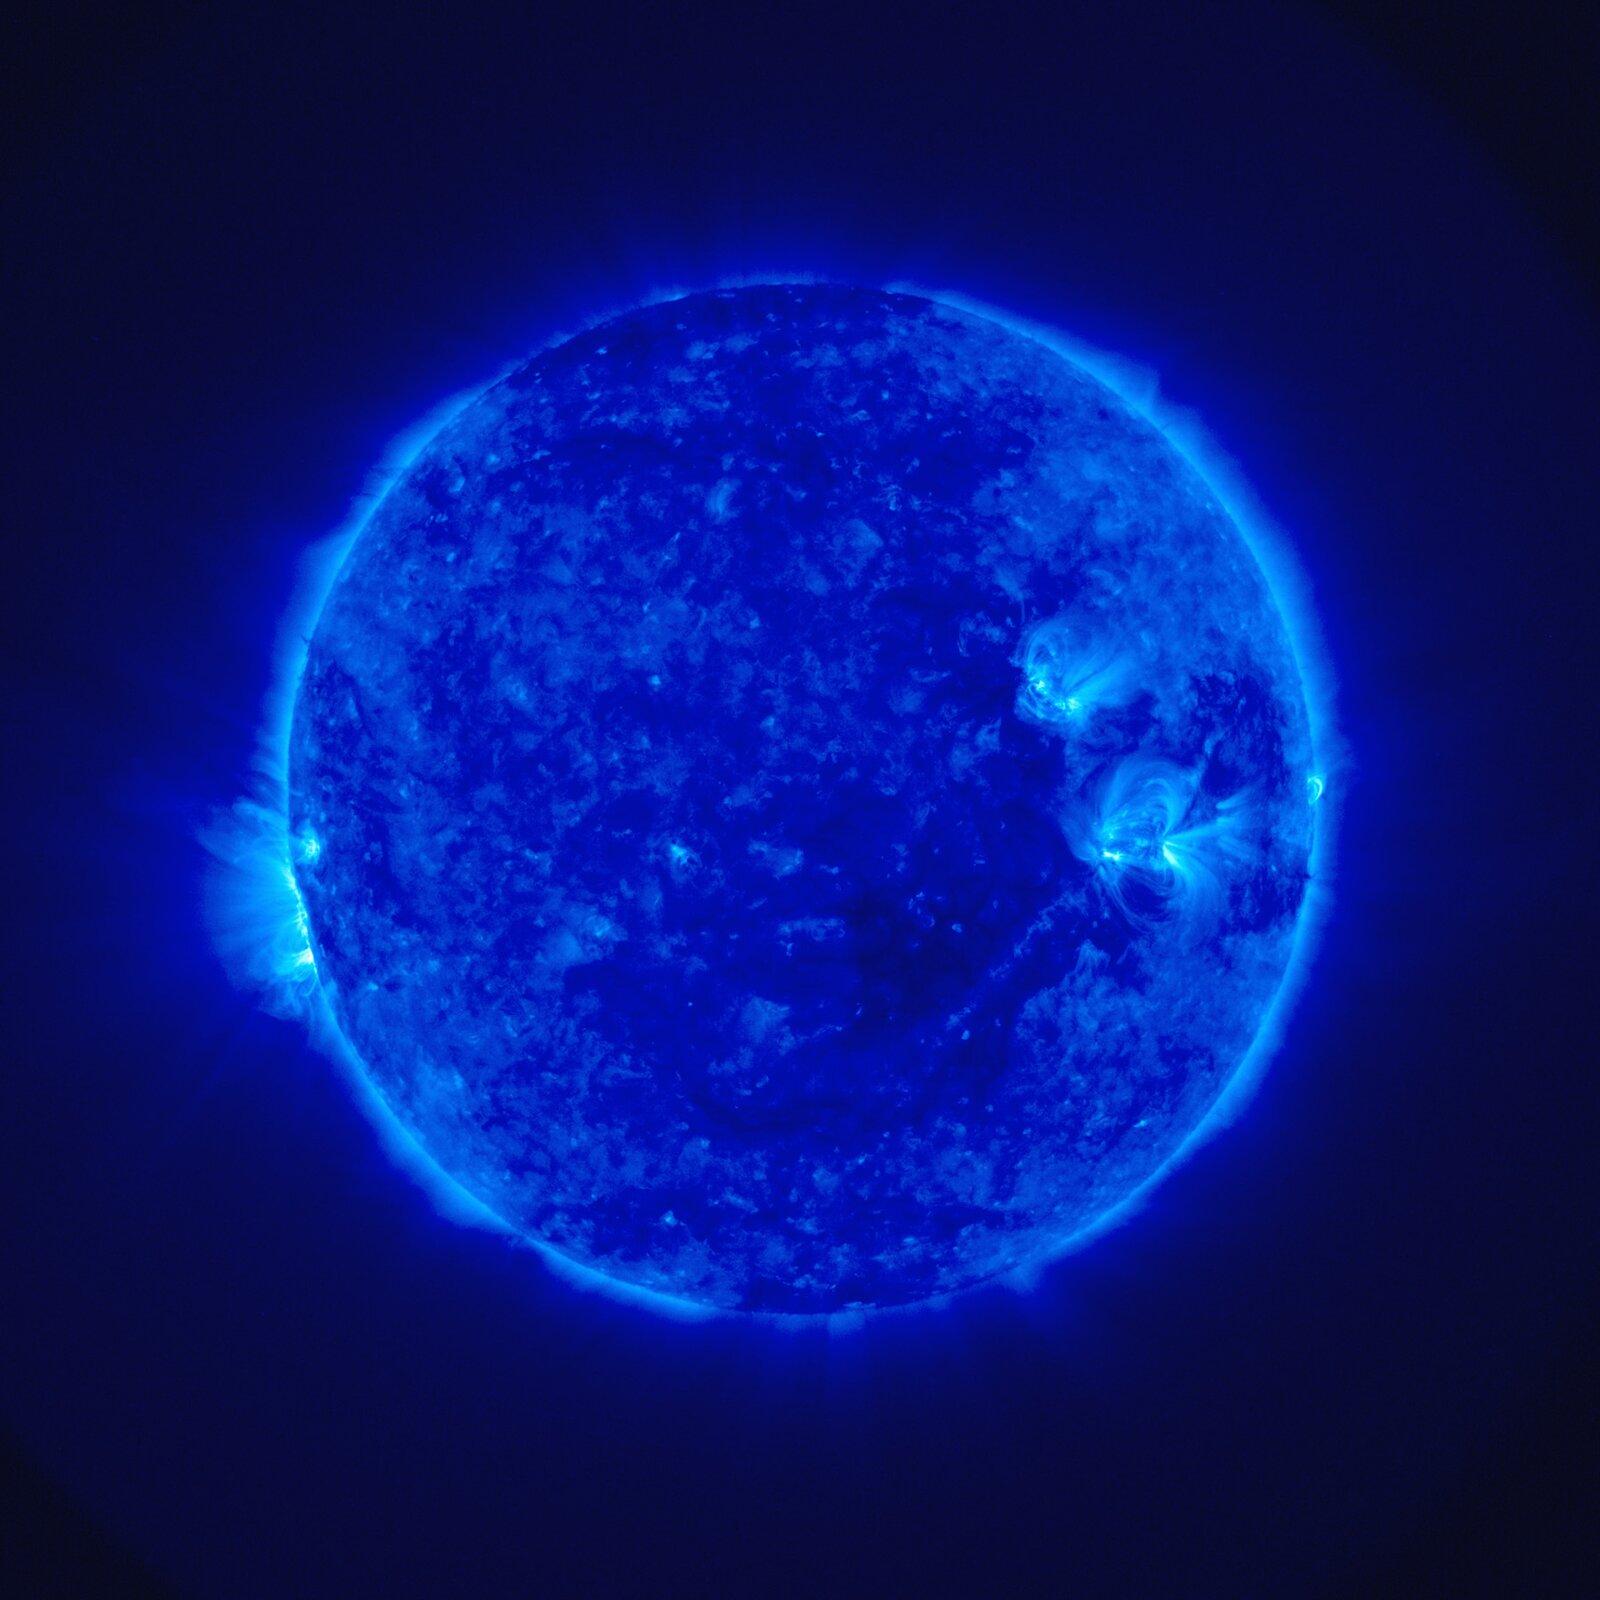 Zdjęcie przedstawia Słońce sfotografowane wultrafiolecie. Tło czarne. Słońce wygląda jak niebieska, luminescencyjna kula.